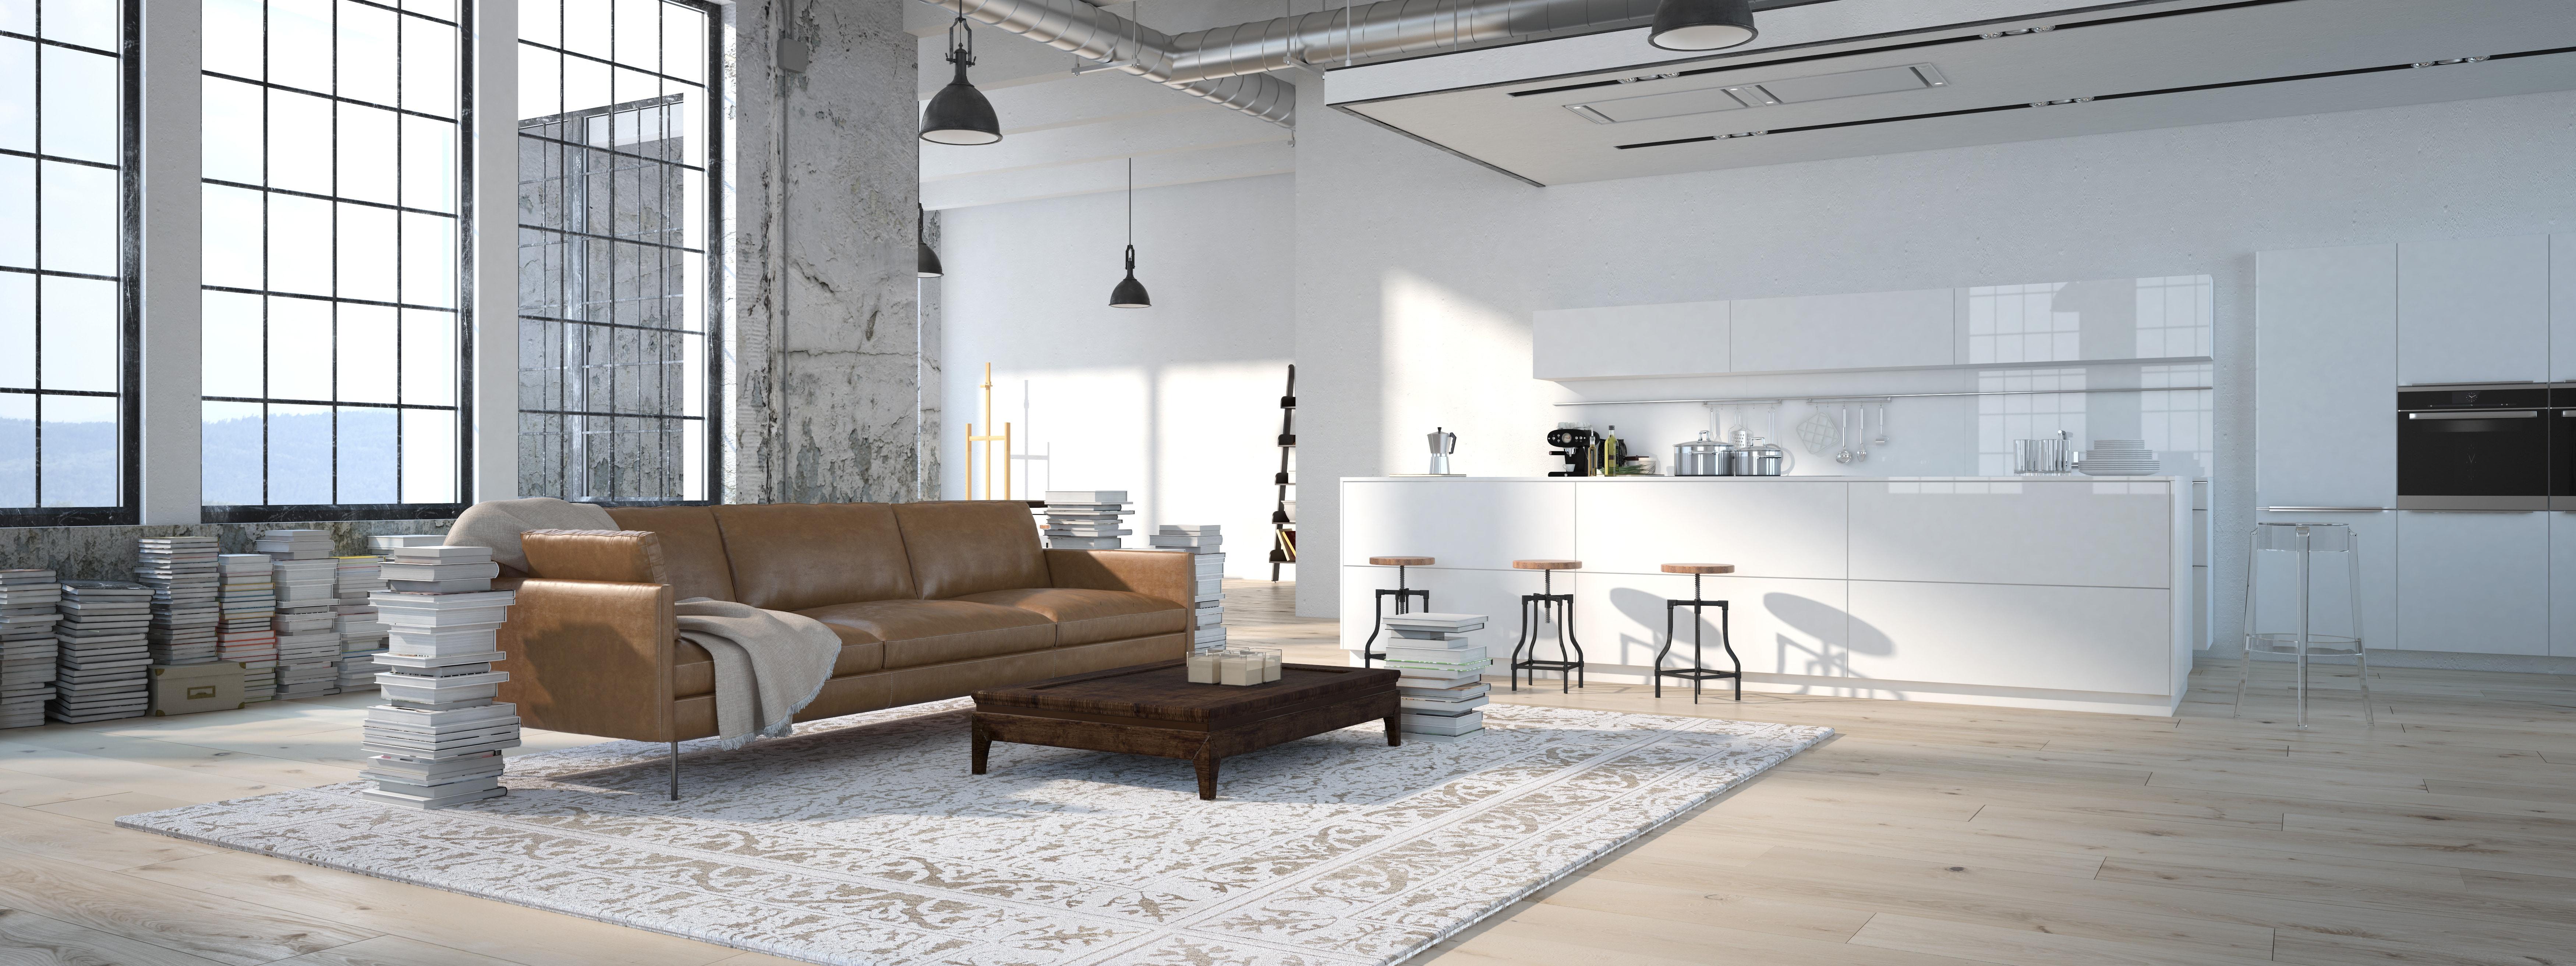 Innenausstatter  Vor- und Nachteile, einen Innenausstatter zu engagieren - Luxury ...